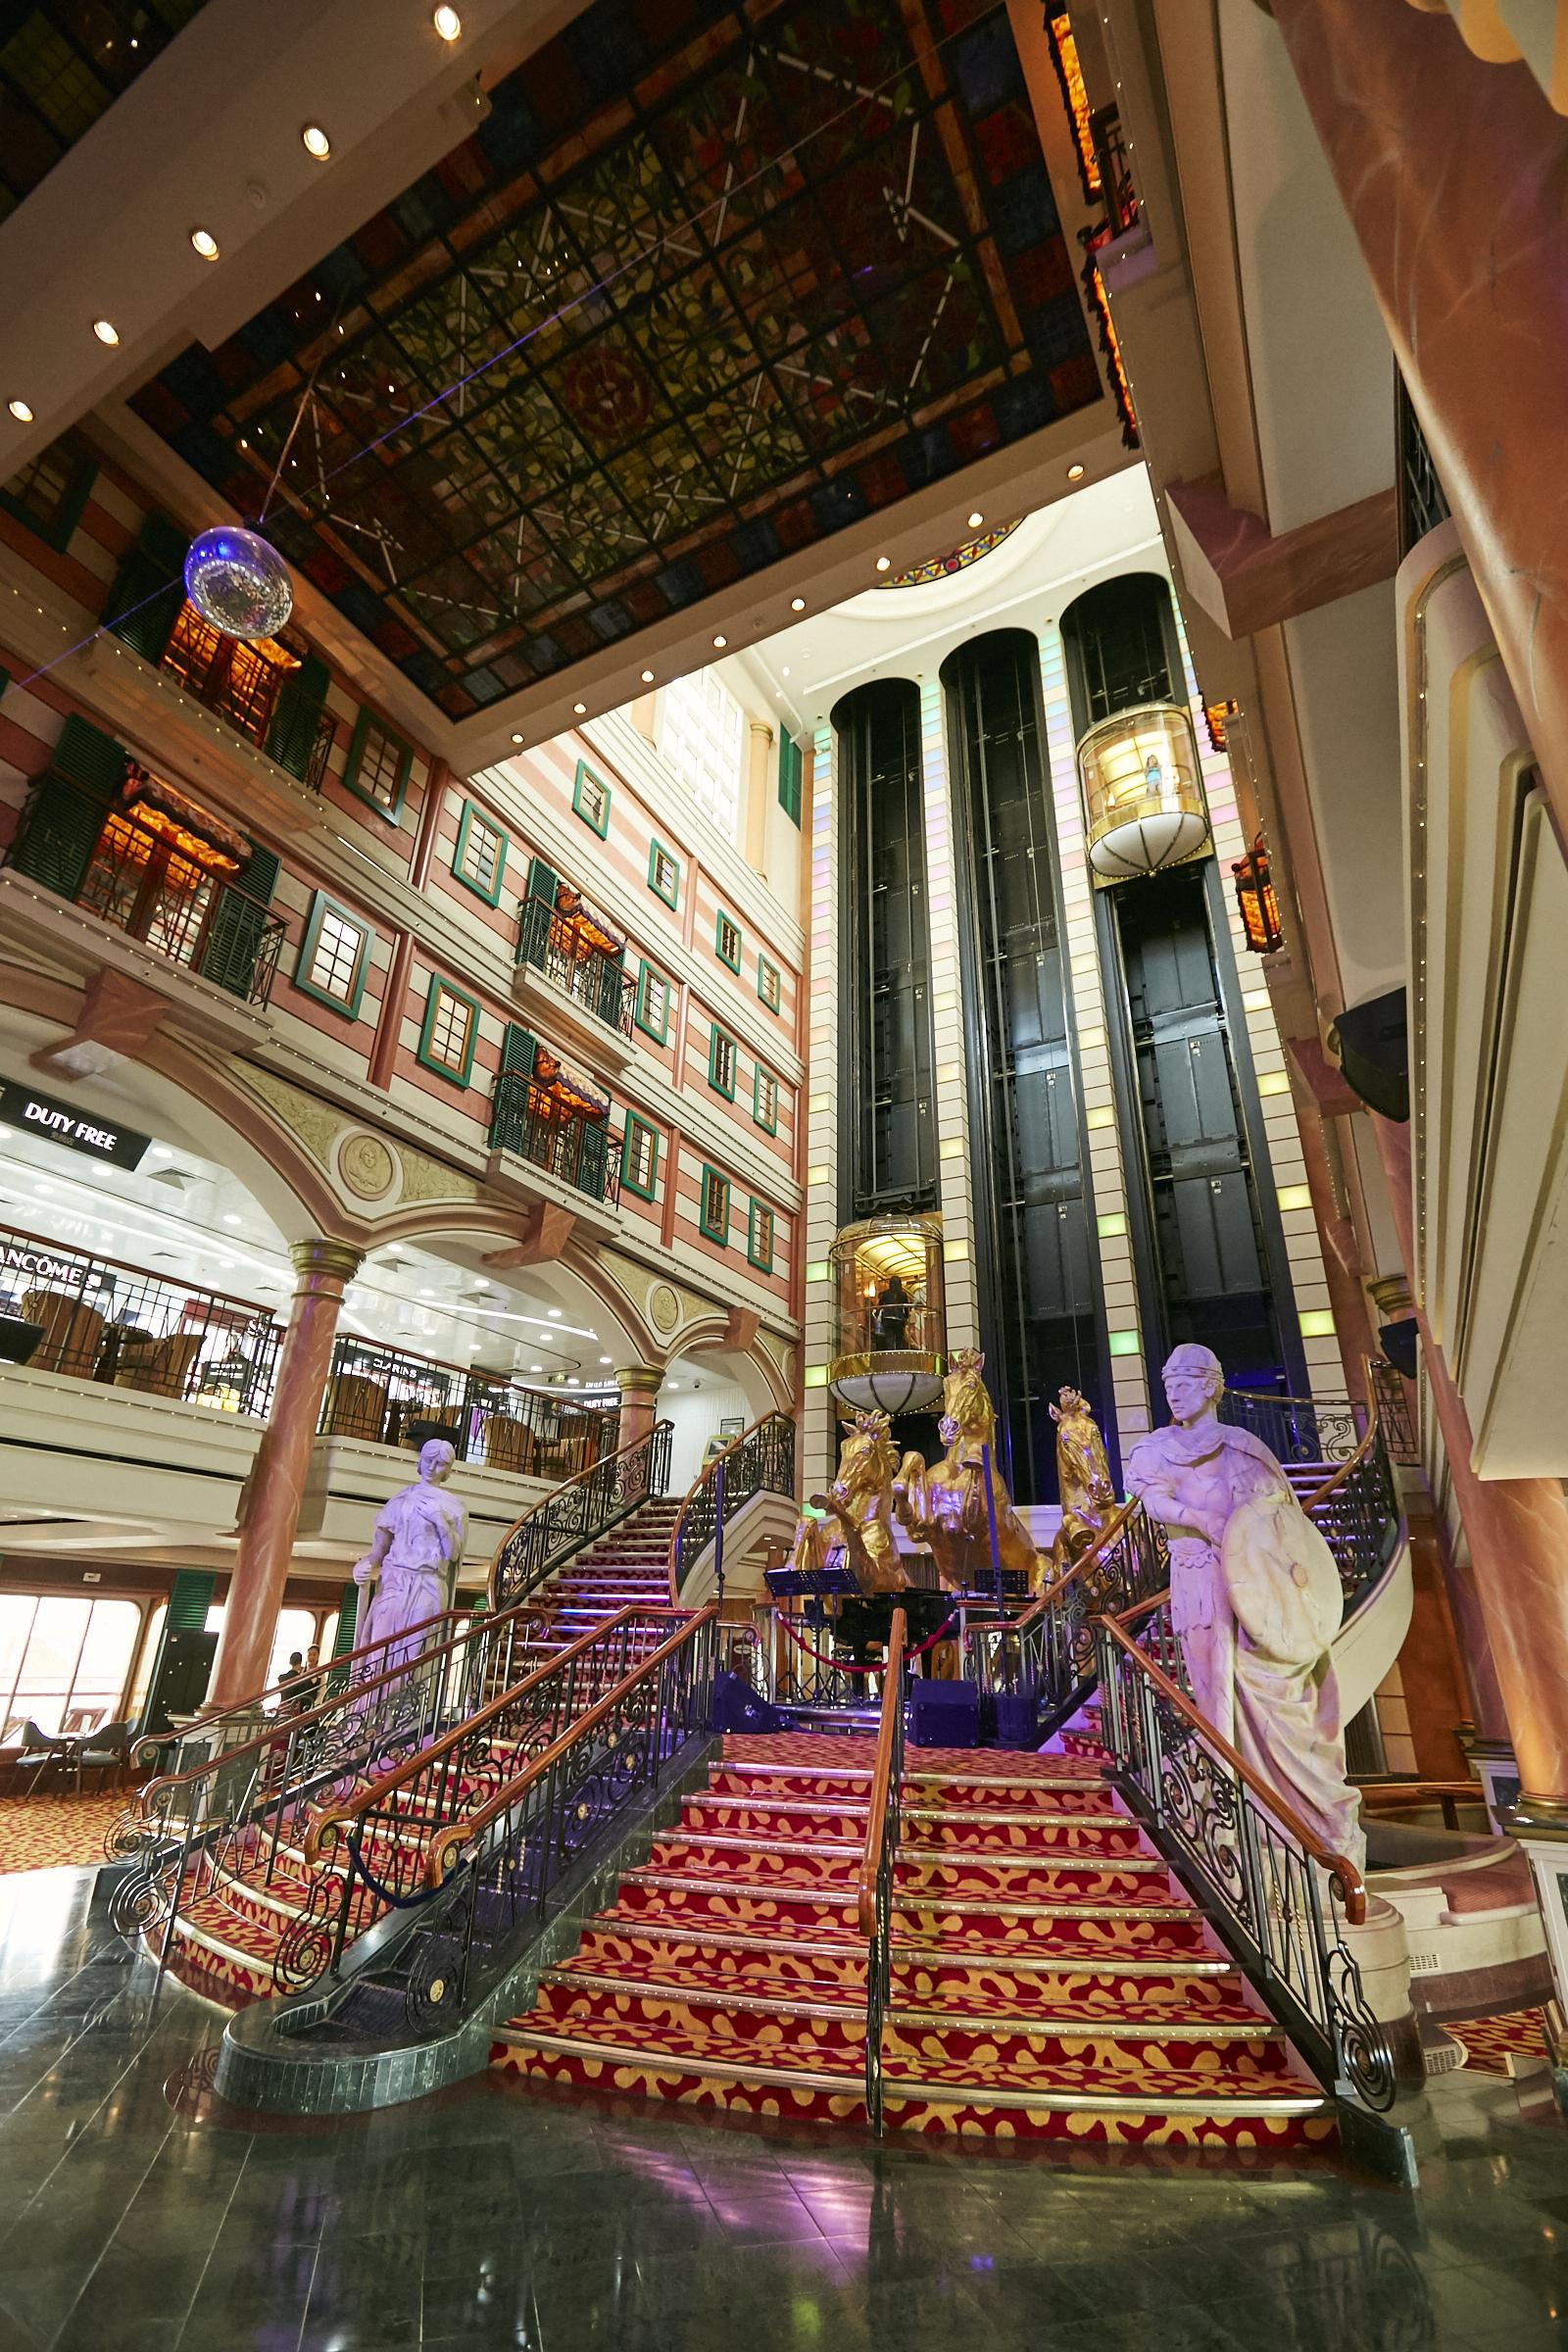 金色の馬像やガラス張りのエレベーターが印象的なロビー「グランドピアッツァ」で記念撮影をどうぞ